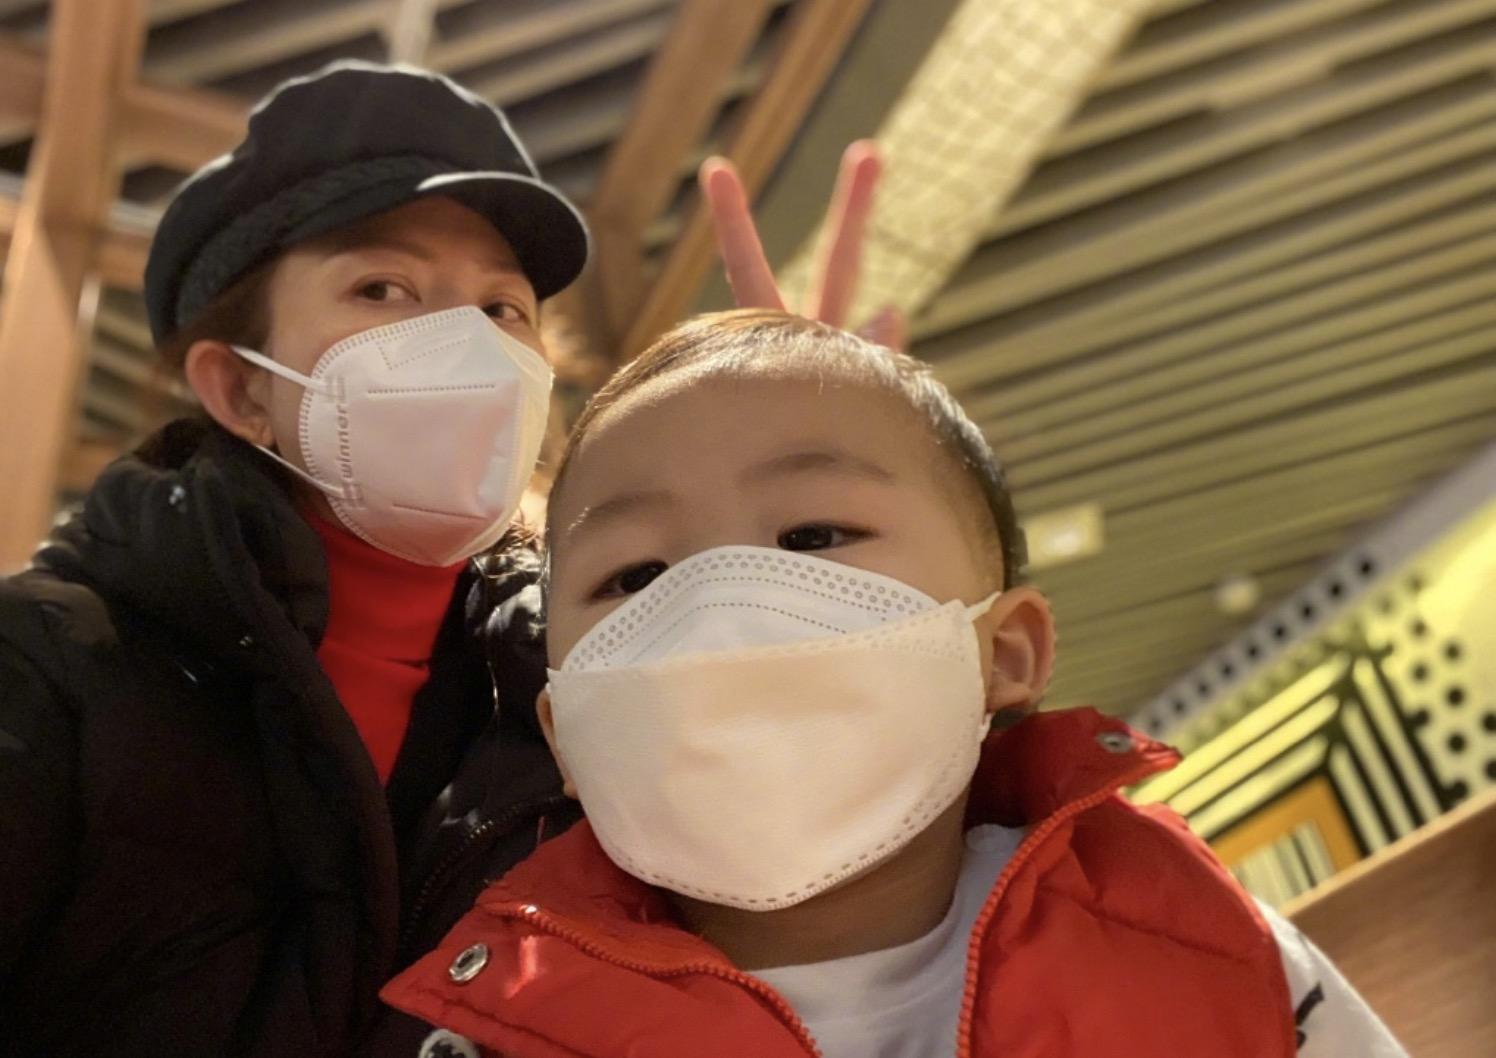 蔡少芬曬與兒子同框,母子倆戴口罩出行,魚蛋圓頭圓腦萌態十足